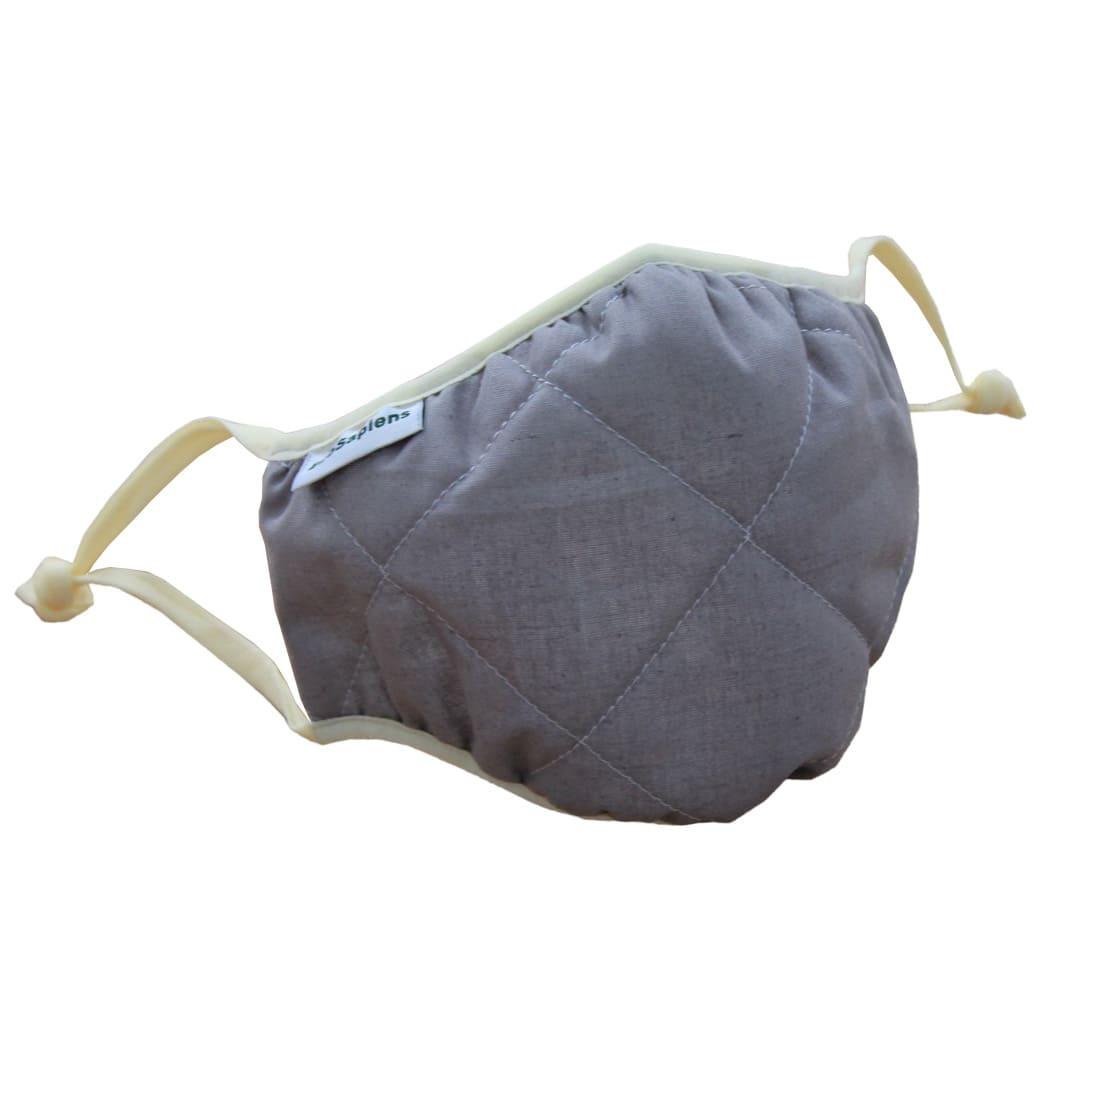 Маска защитная EcoSapiens трёхслойная многоразовая, 3 шт. в наборе, серая